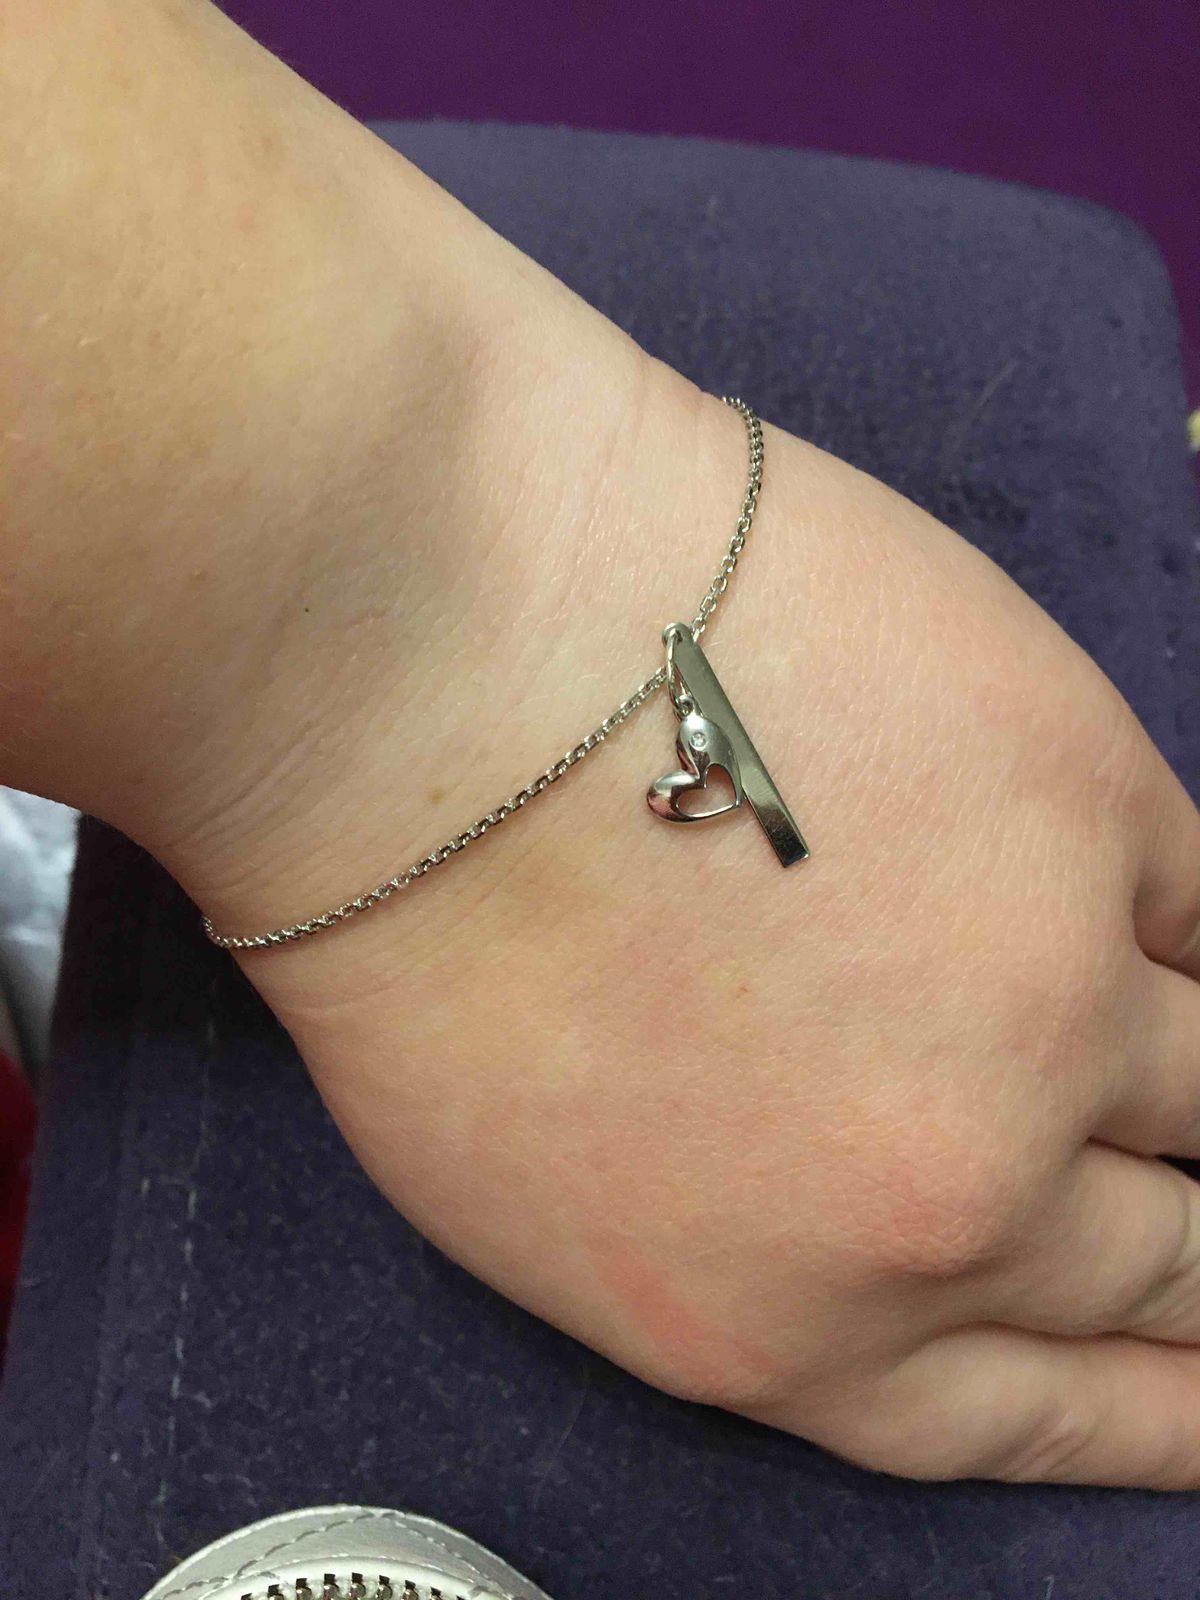 Присматривала серебряный браслет специально под эту подвеску. и нашла))